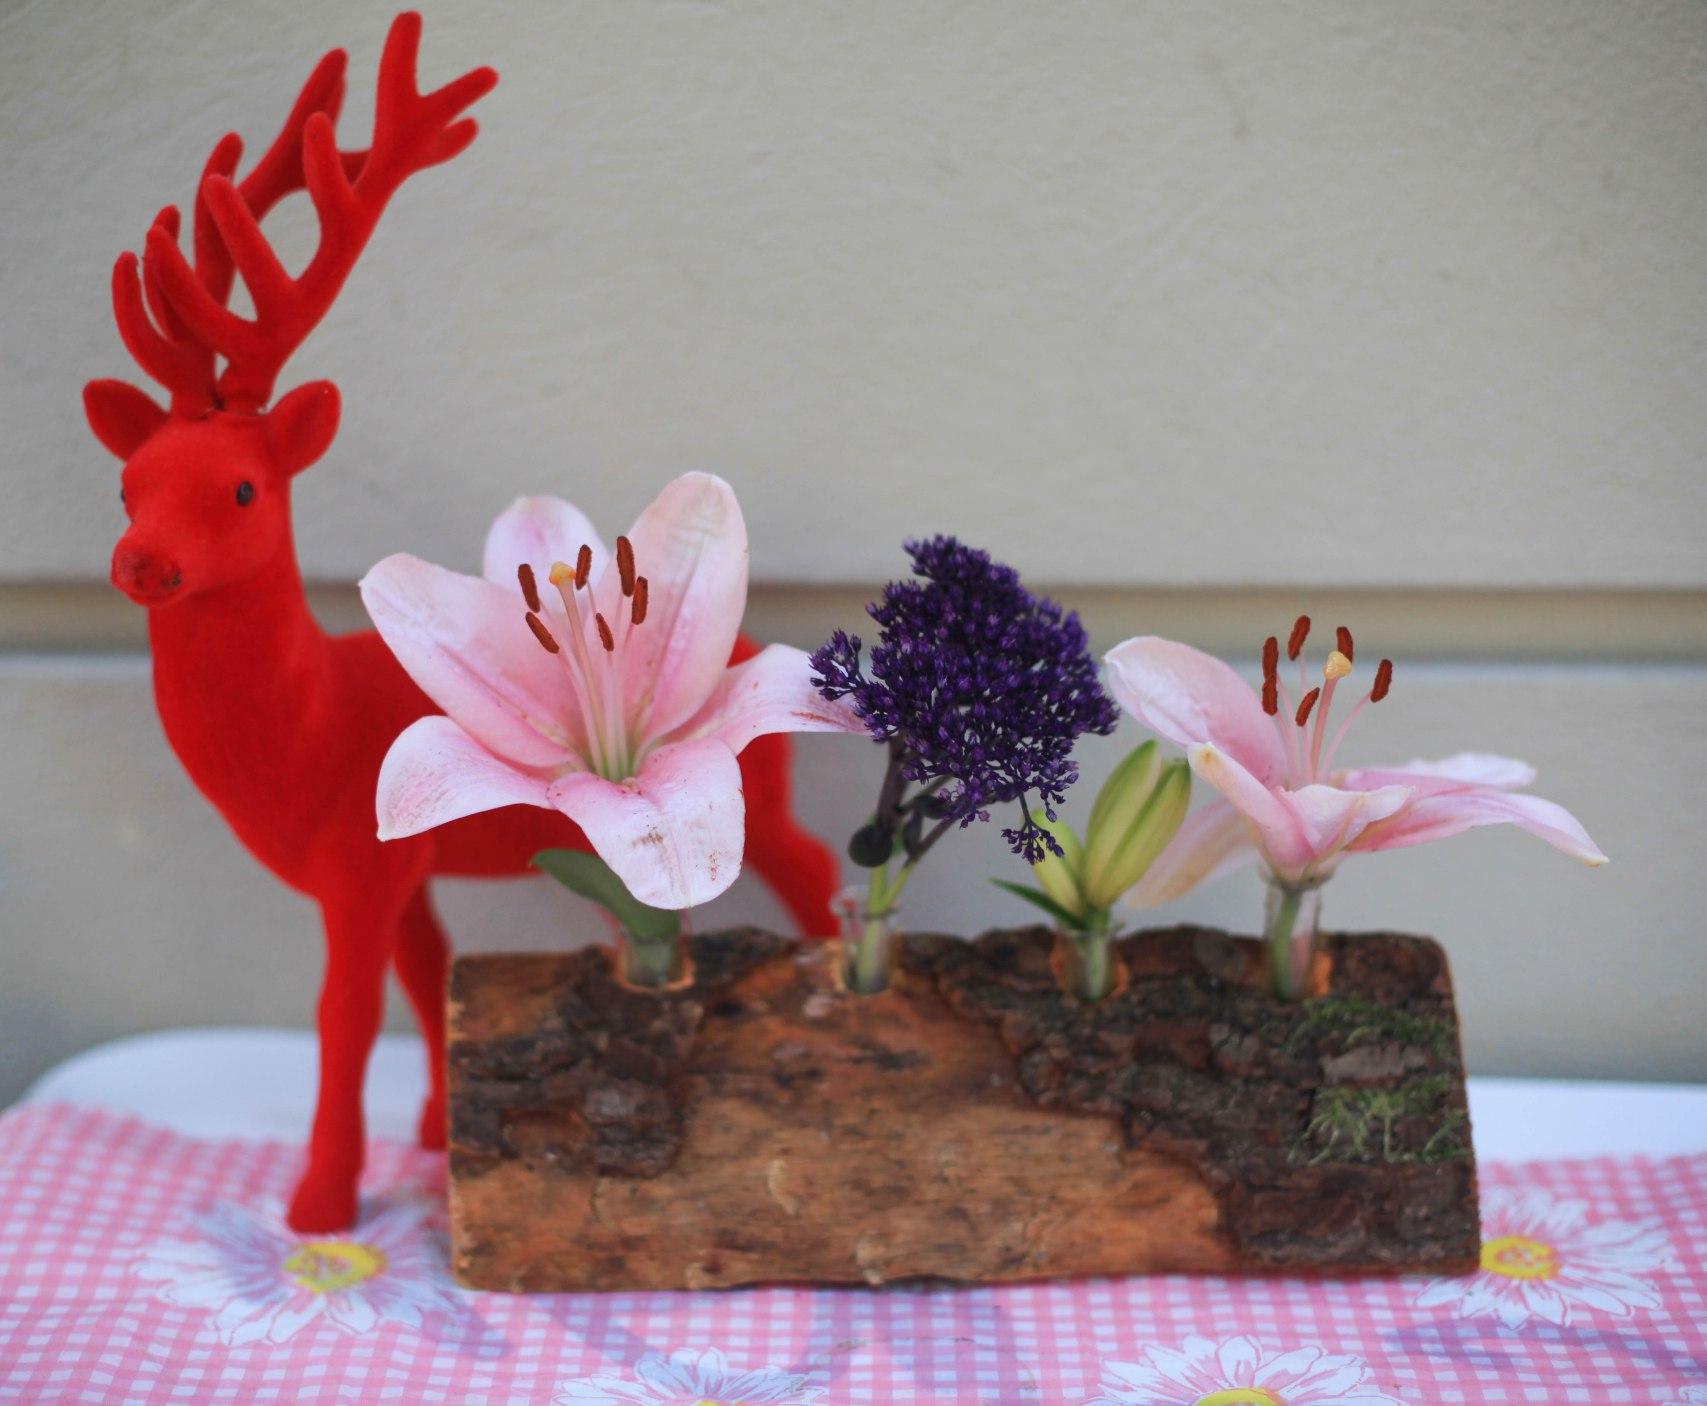 Iris verkauft nicht nur Blumen im Bund, sondern auch Blumenzubehör.